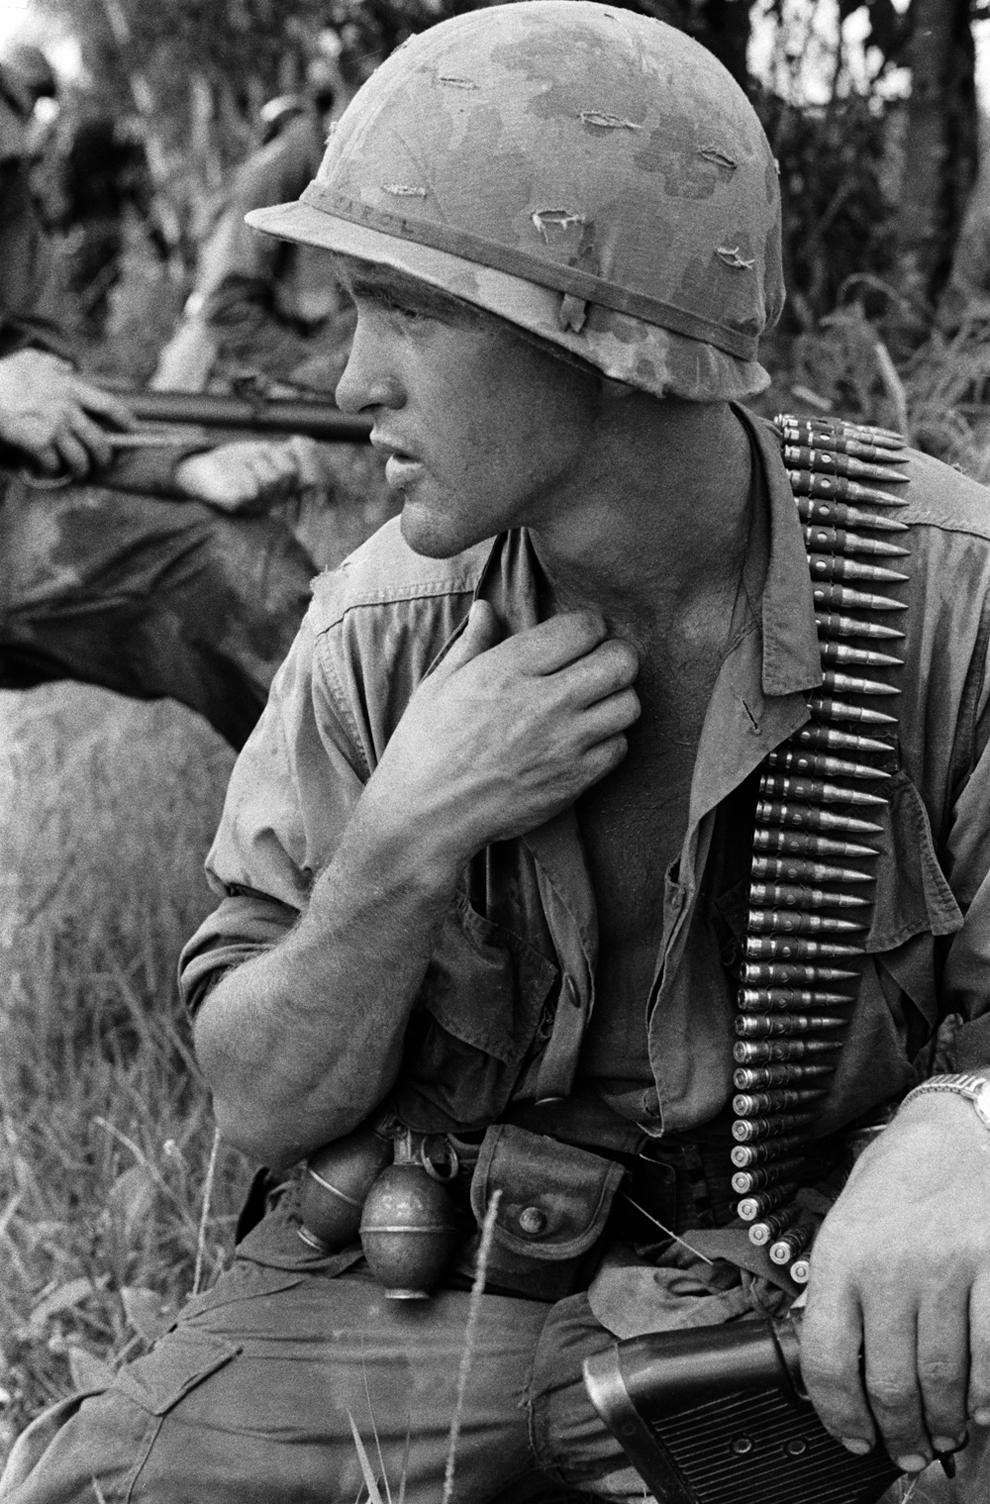 Charlie-Haughey-guerre-du-vietnam-5-lecatalog.com